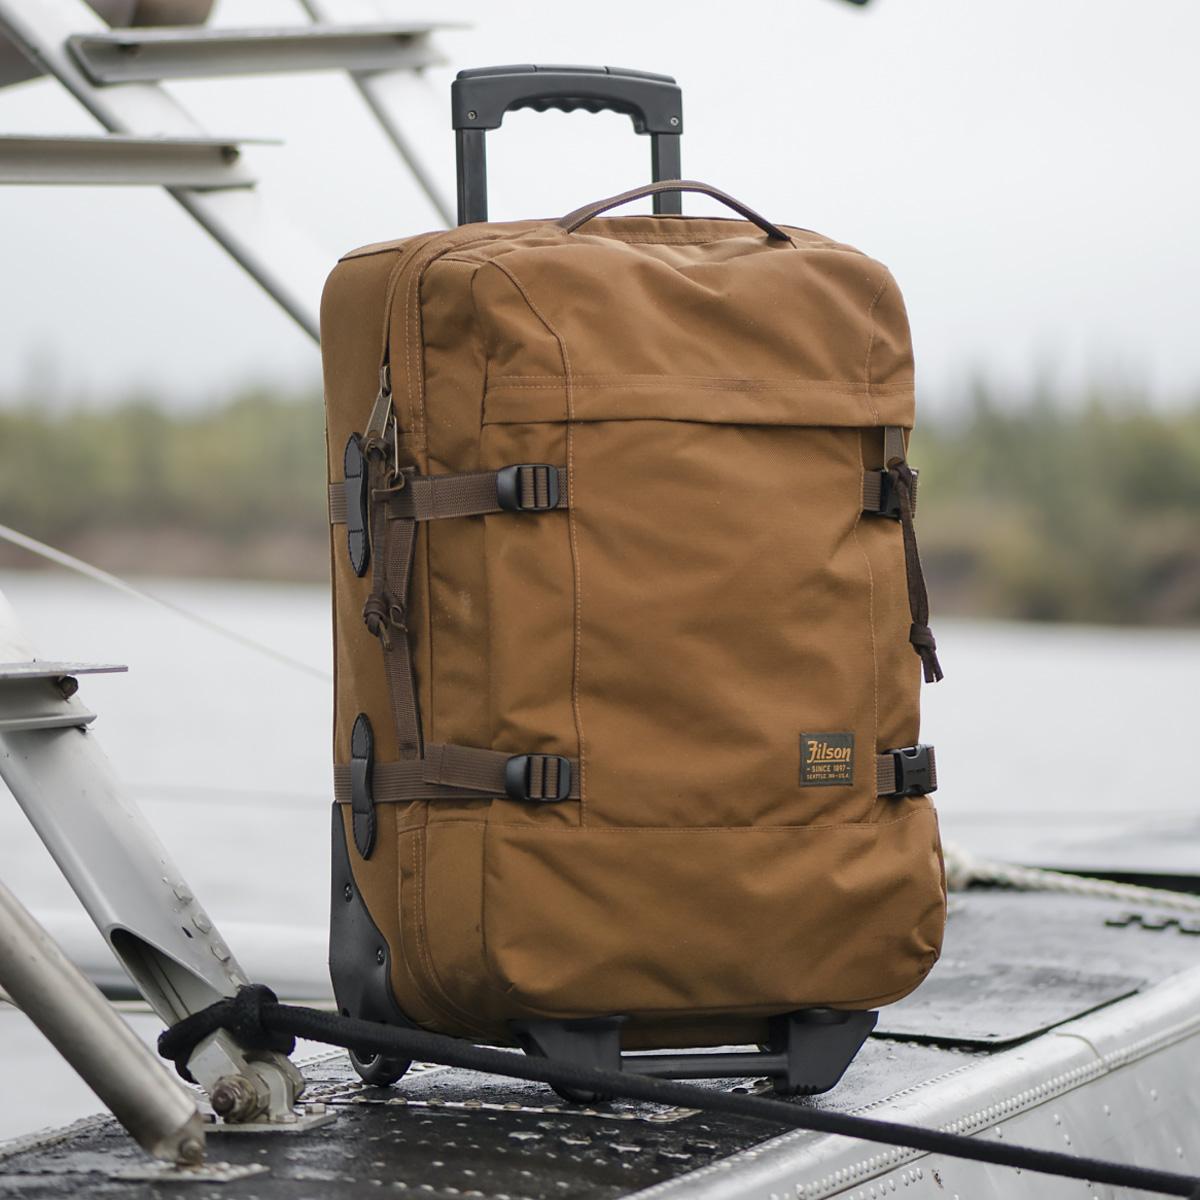 Filson Dryden Dryden 2-Wheel Rolling Carry-On Bag 20047728-Whiskey, gemaakt van slijtvast ballistisch nylon dat bestand is tegen intensief gebruik